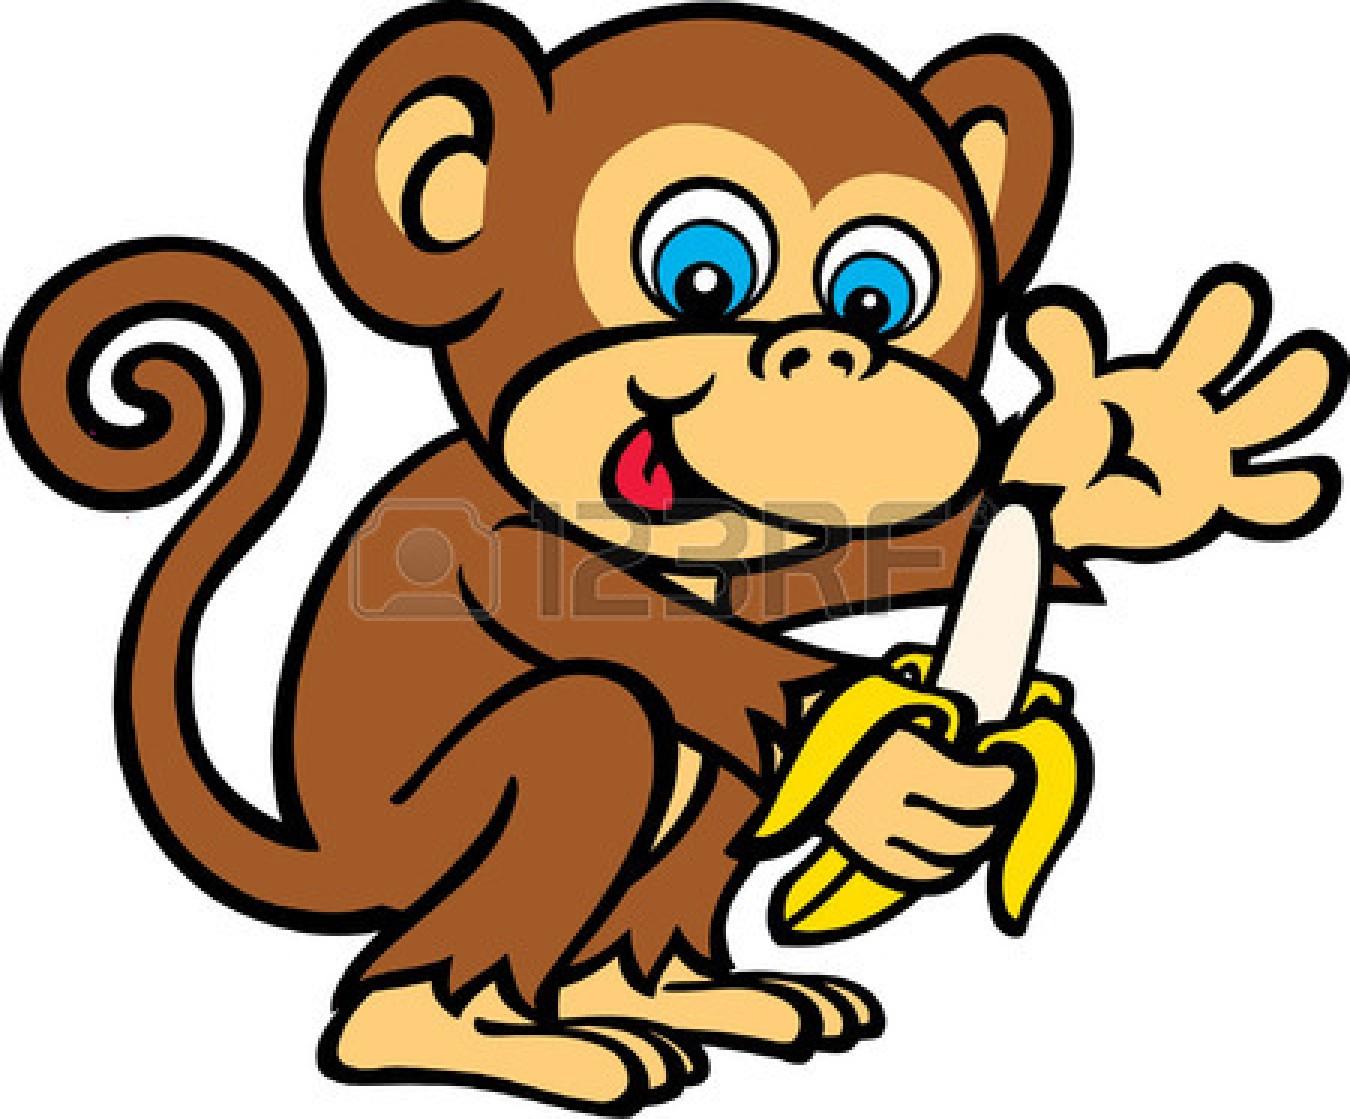 Monkey And Banana Clipart.